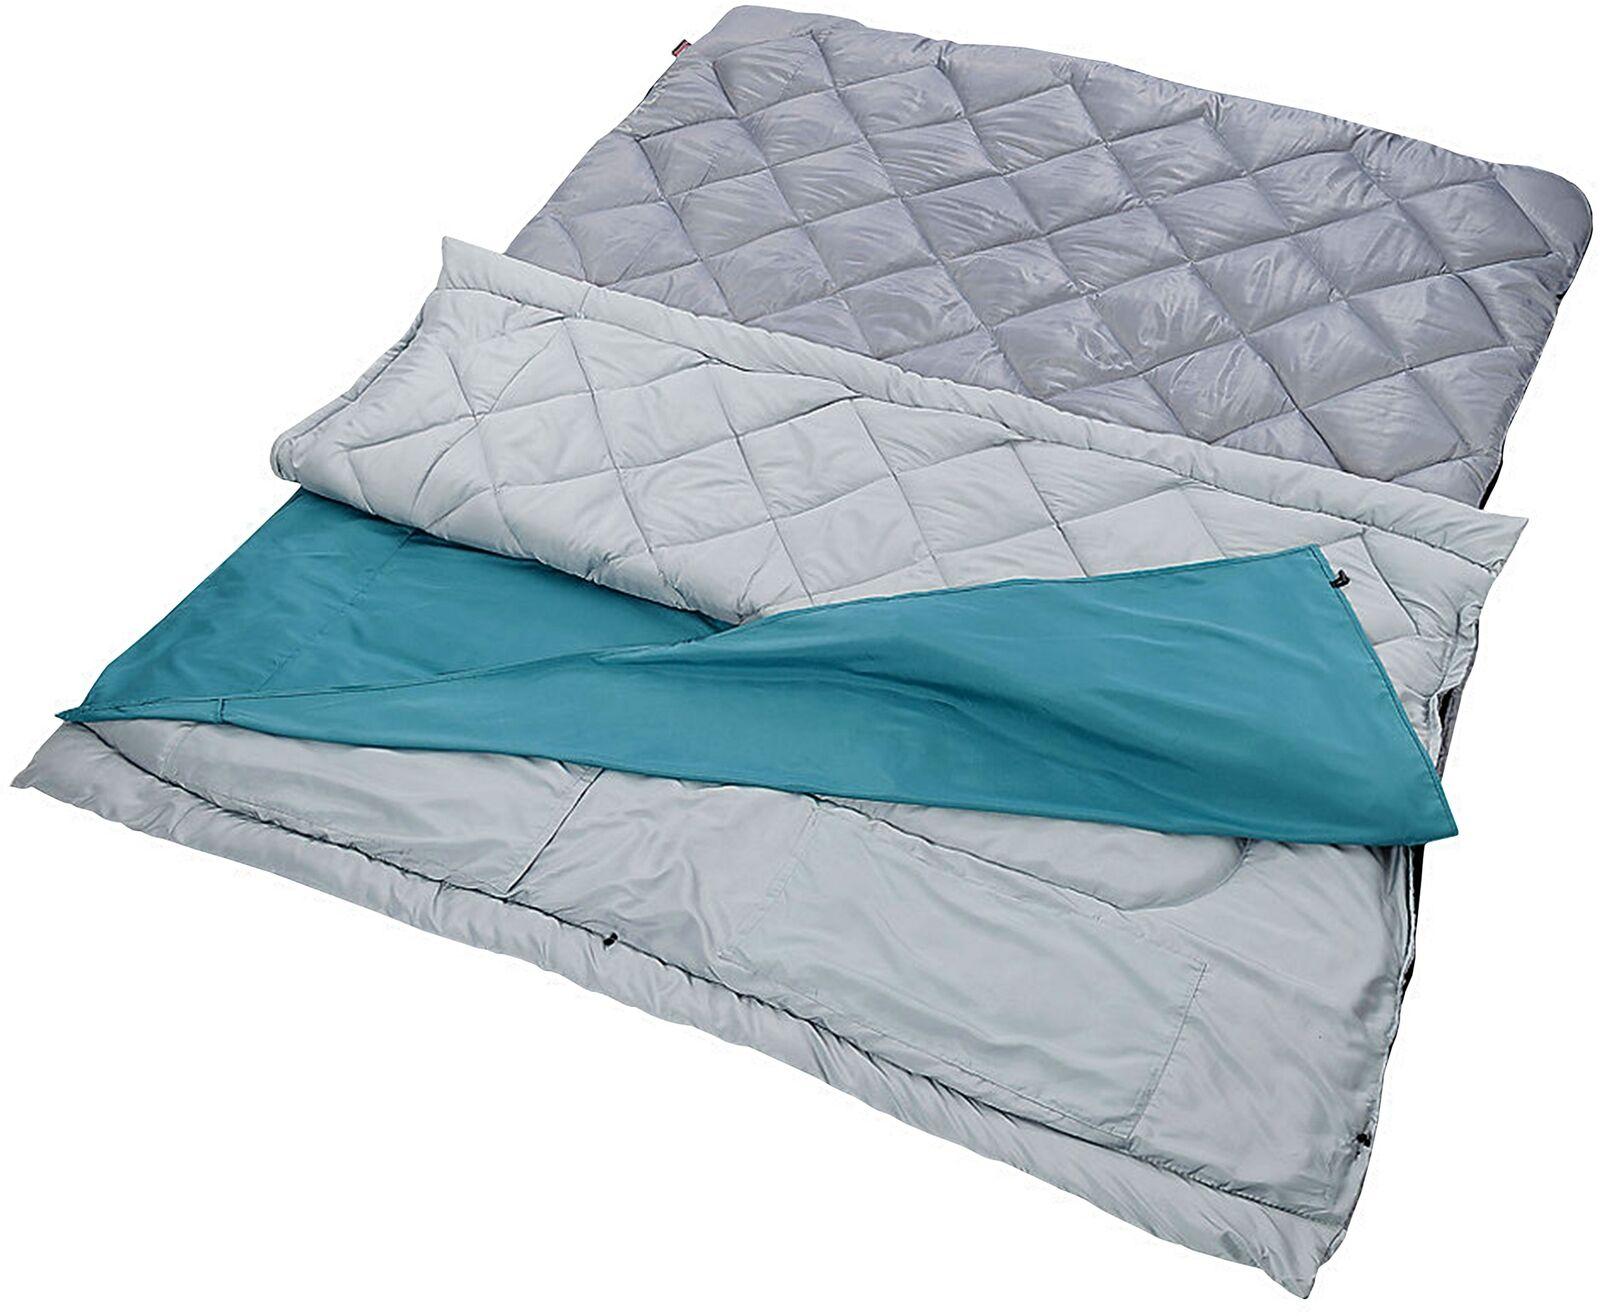 Sleeping sac Double Rectangular Soft Comfy de plein air Indoor Camping portable nouveau